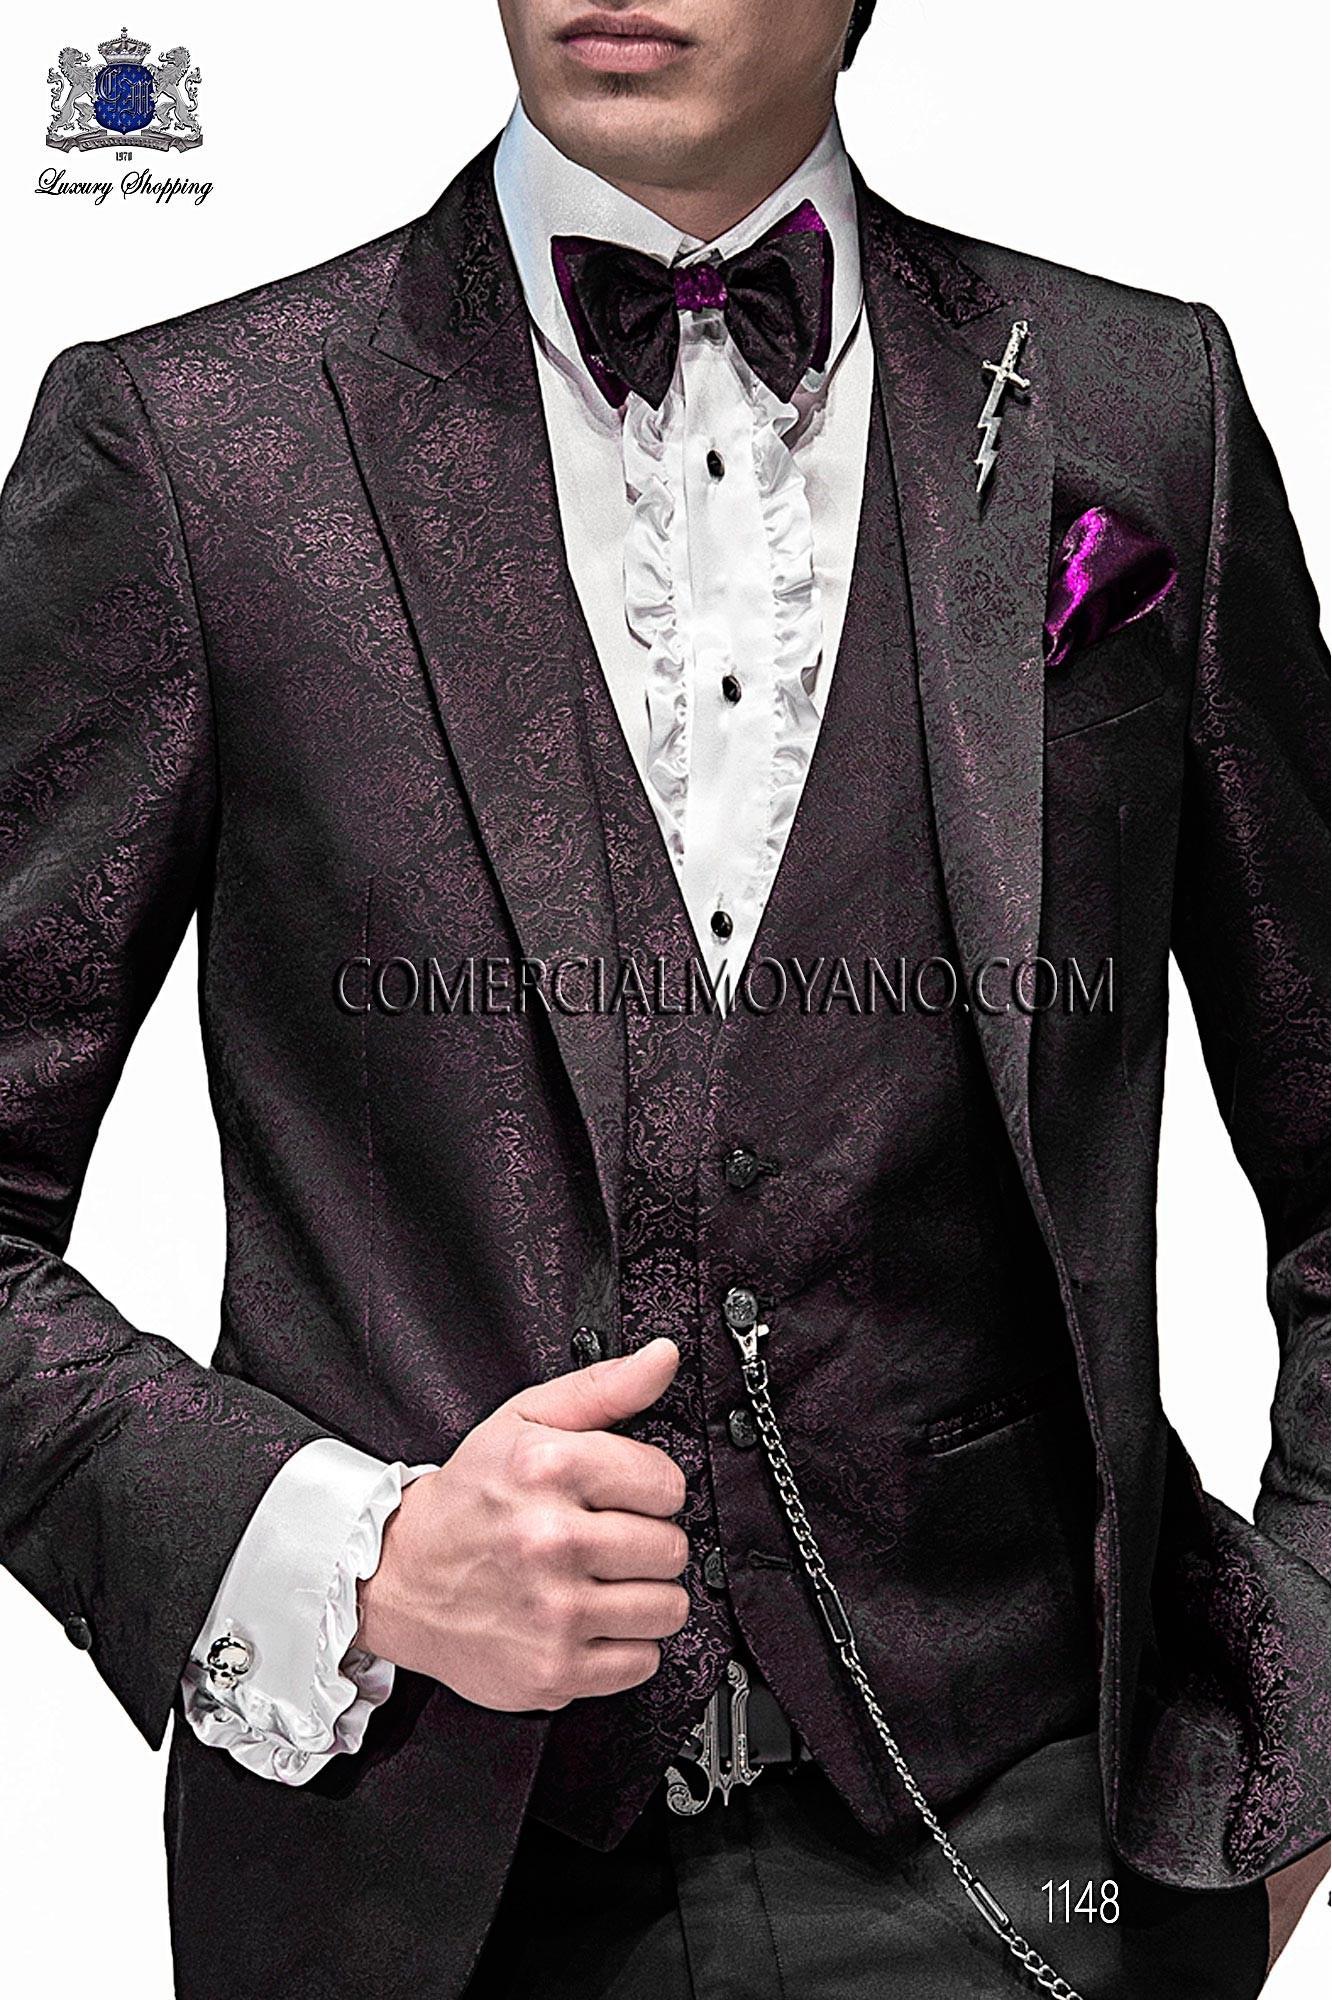 Traje Emotion de novio negro/viola modelo: 1148 Ottavio Nuccio Gala colección Emotion